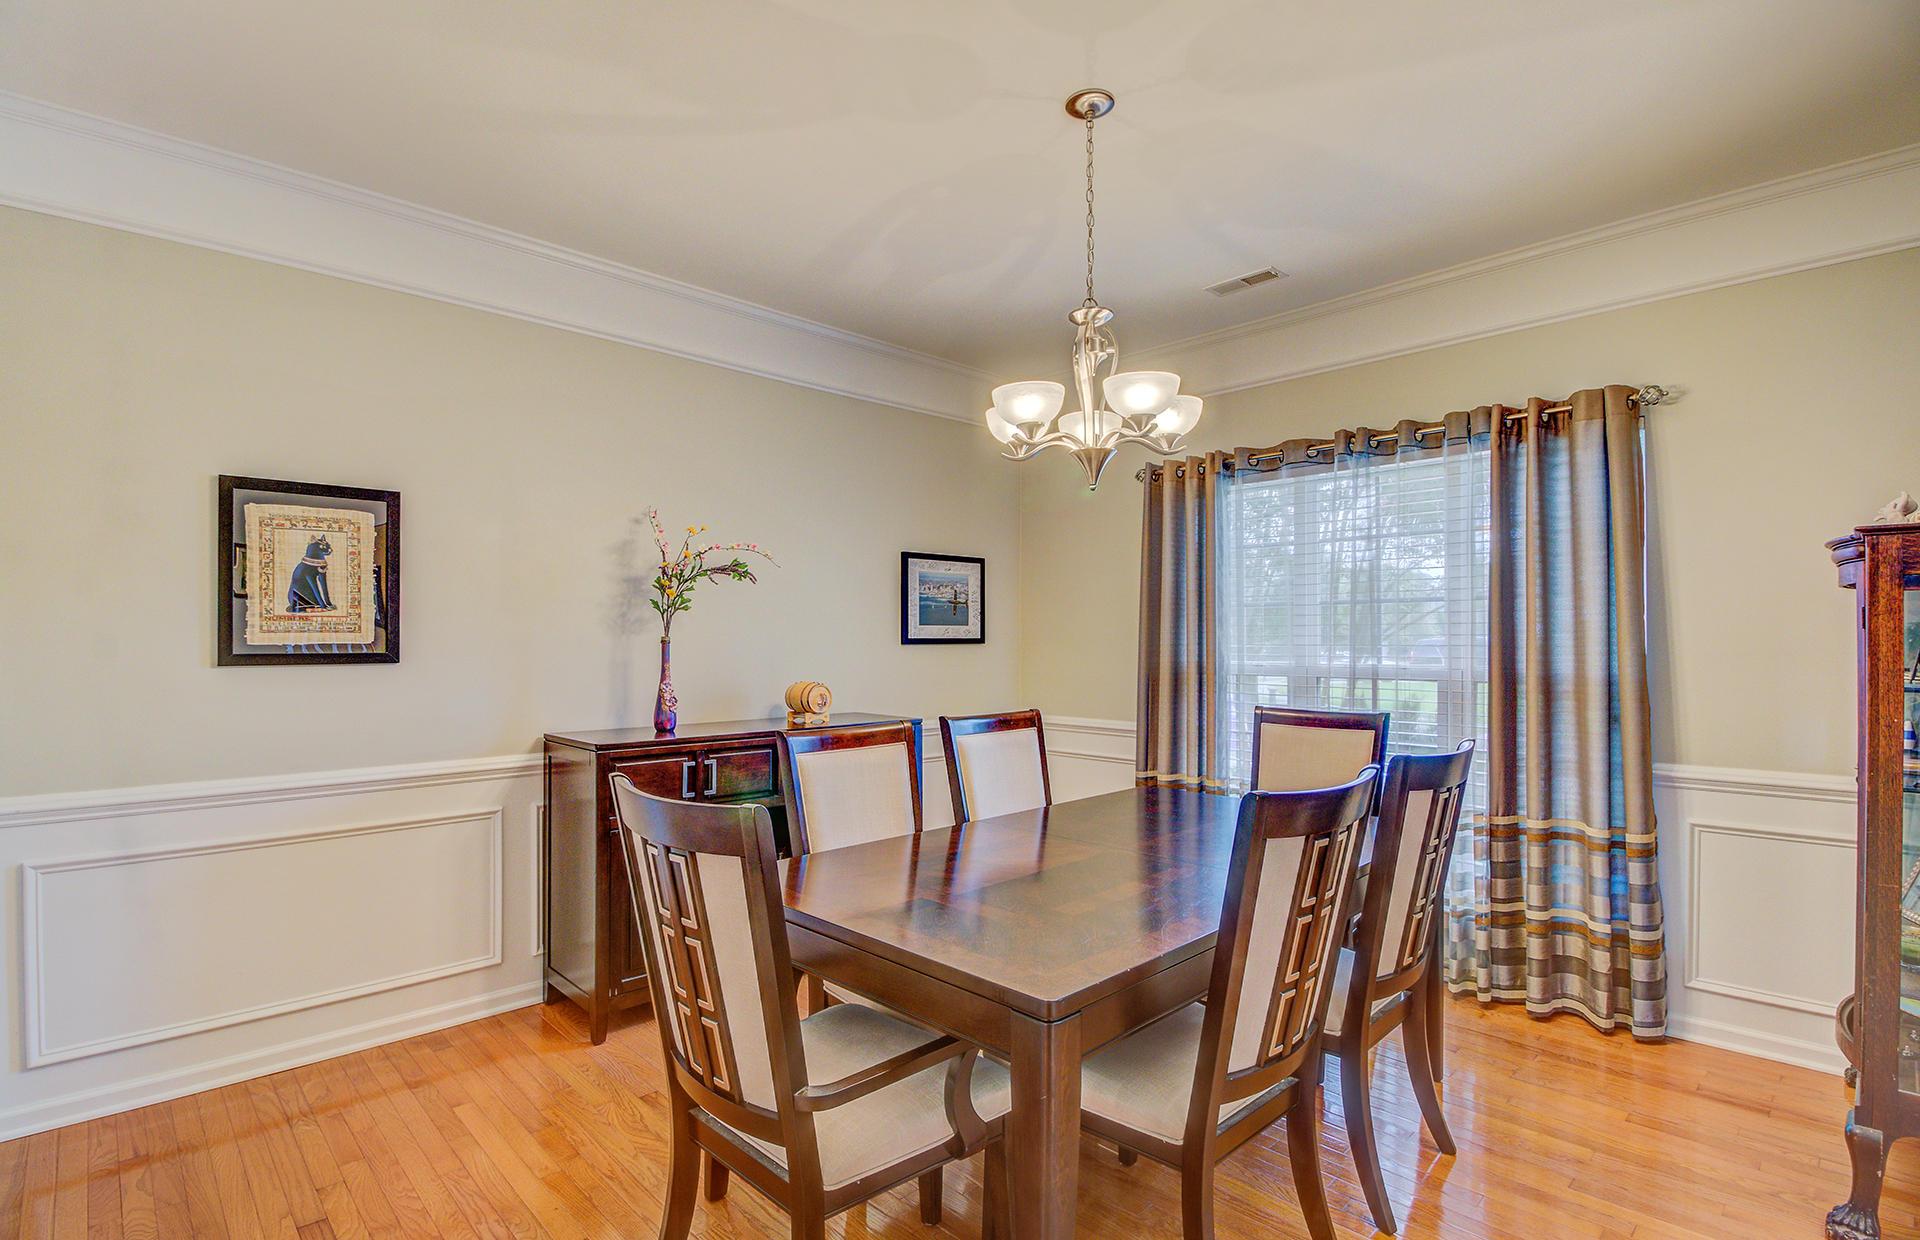 Park West Homes For Sale - 3120 Sonja, Mount Pleasant, SC - 26